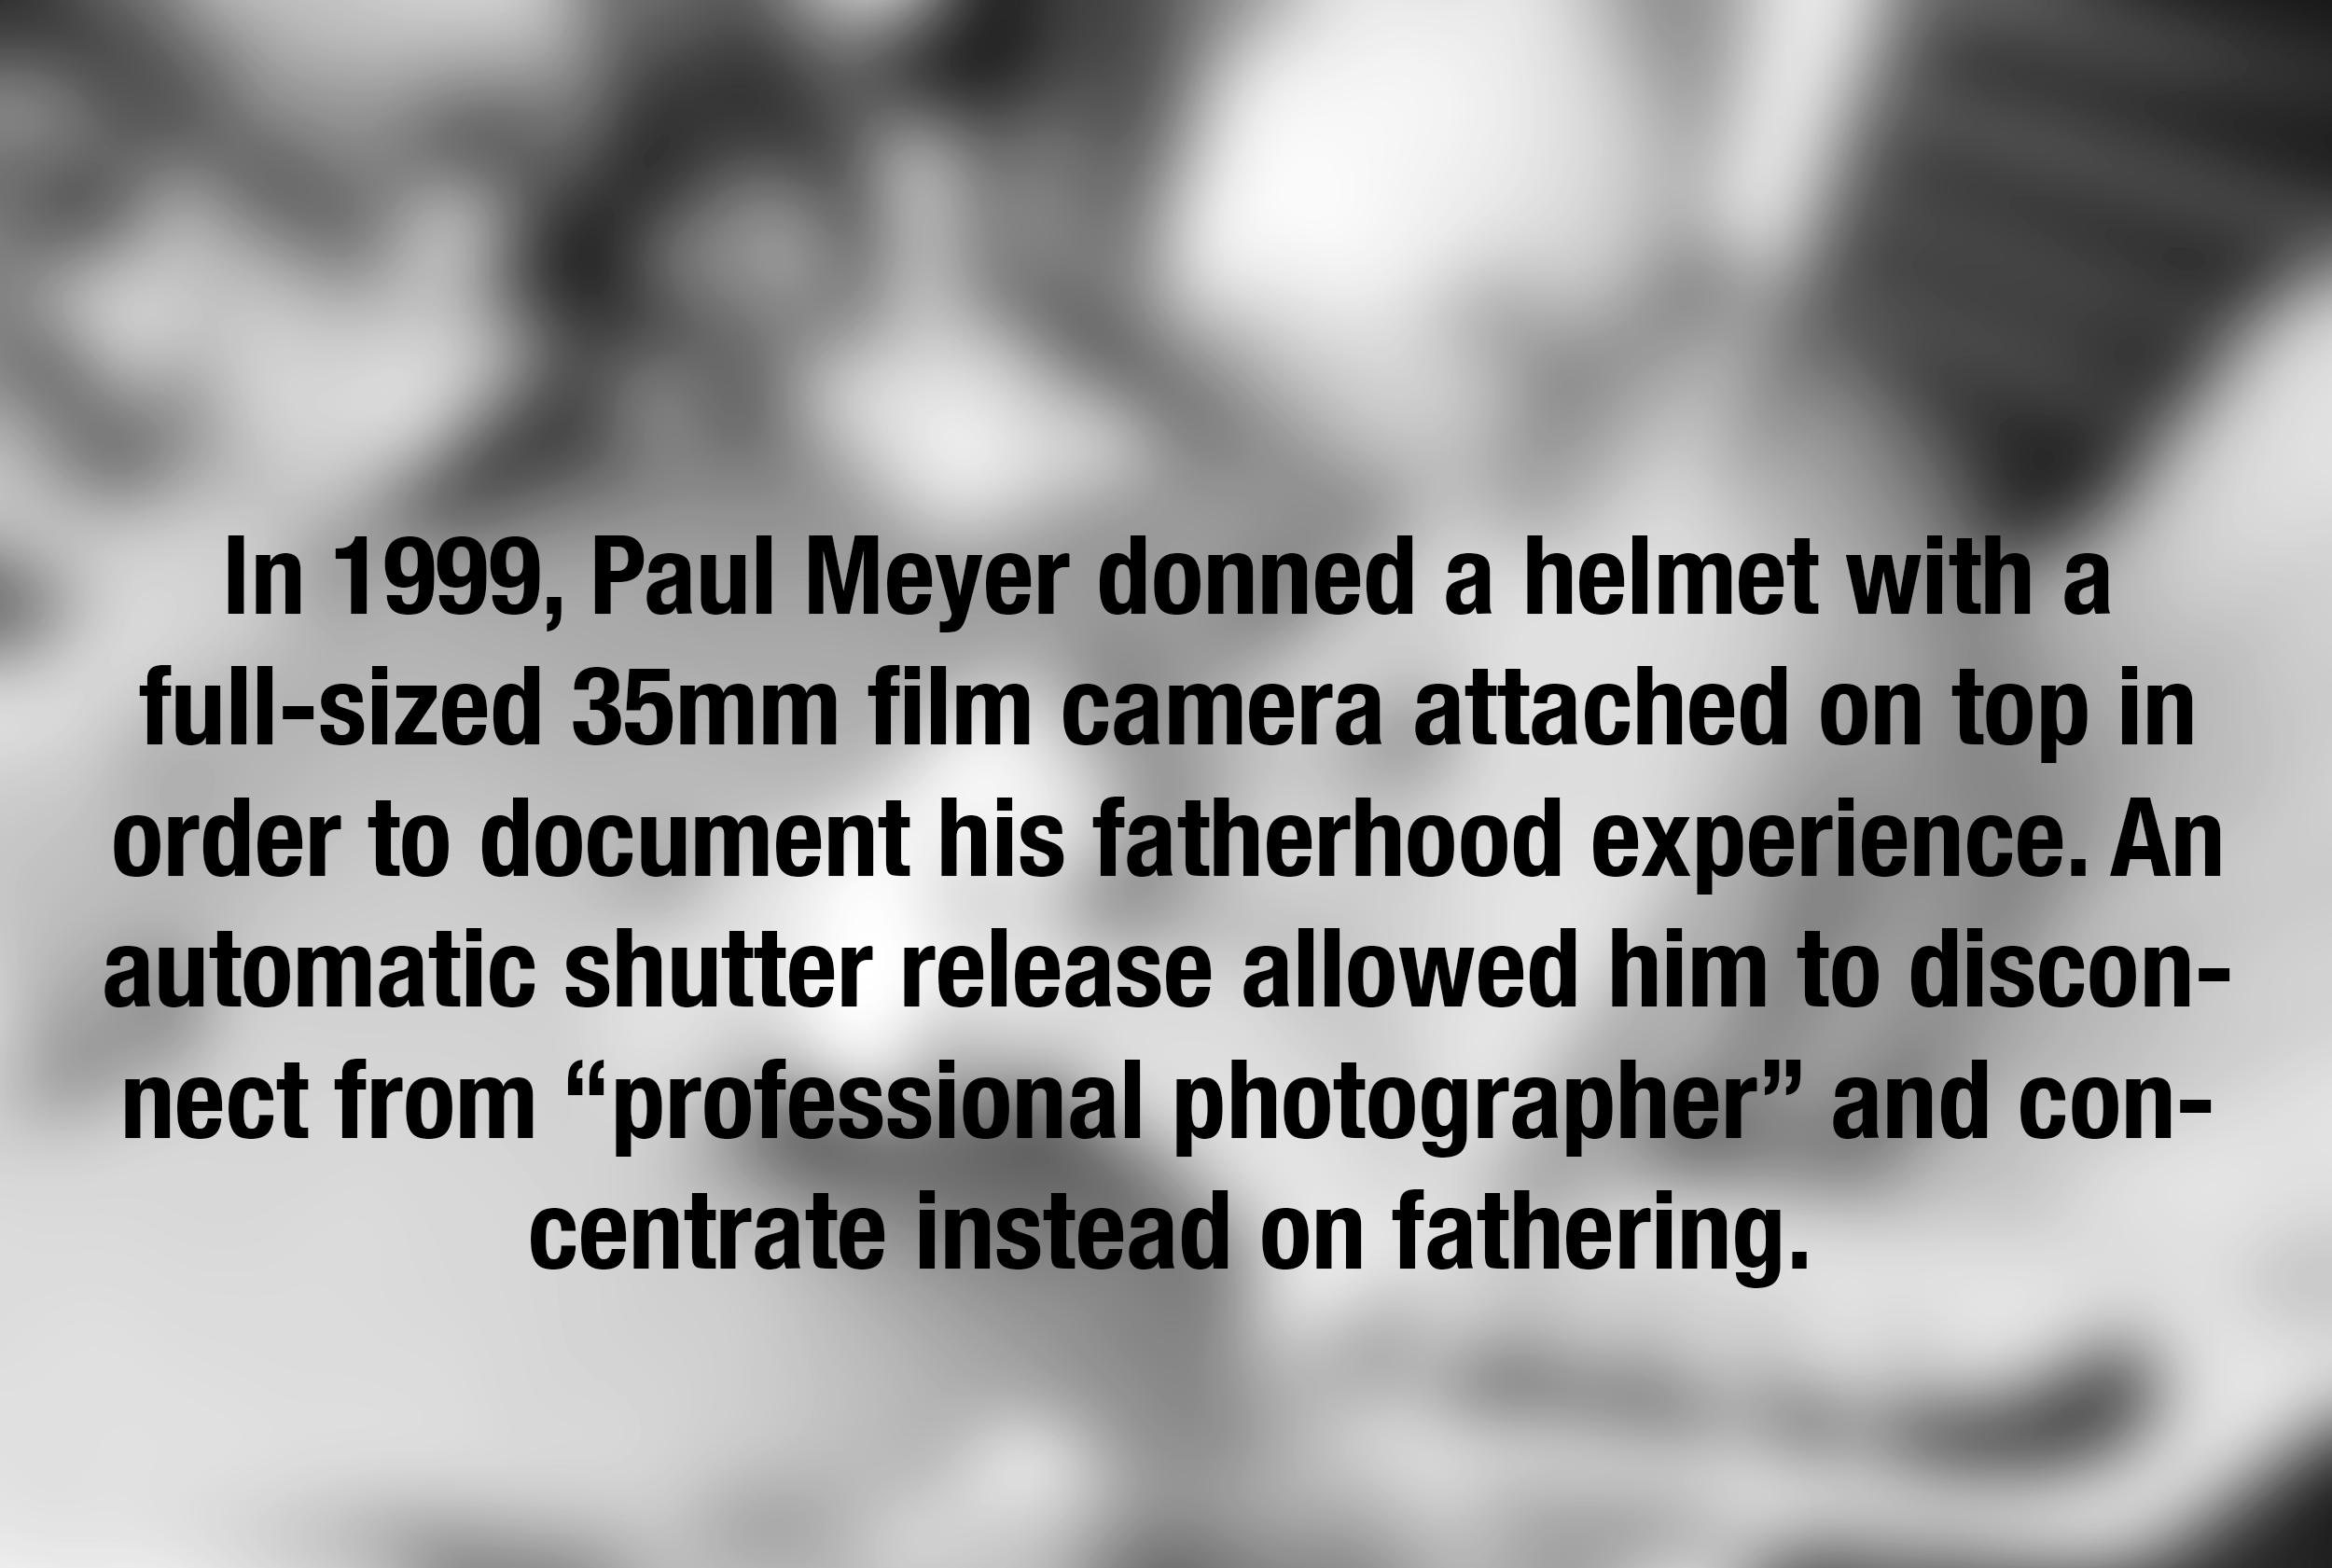 meyer-helmetcam-0.jpg